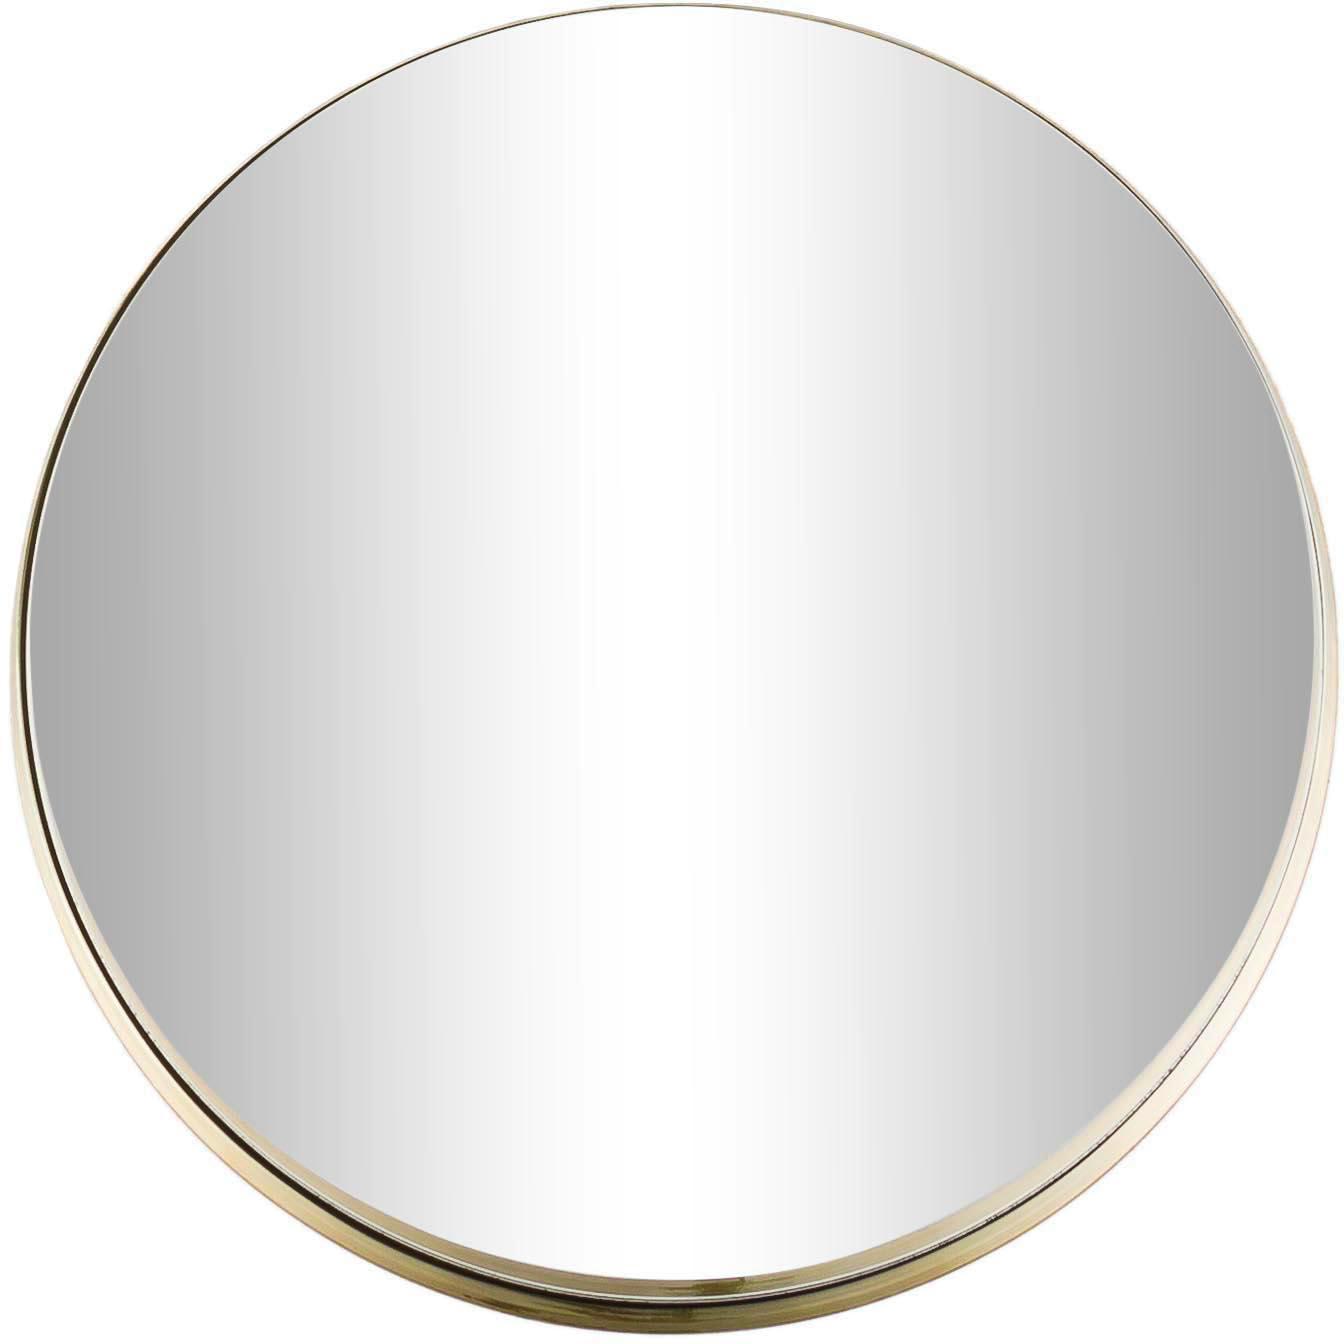 Specchio da parete rotondo Metal, Cornice: metallo verniciato con se, Cornice: dorato<br>Lastra di vetro, Ø 51 cm